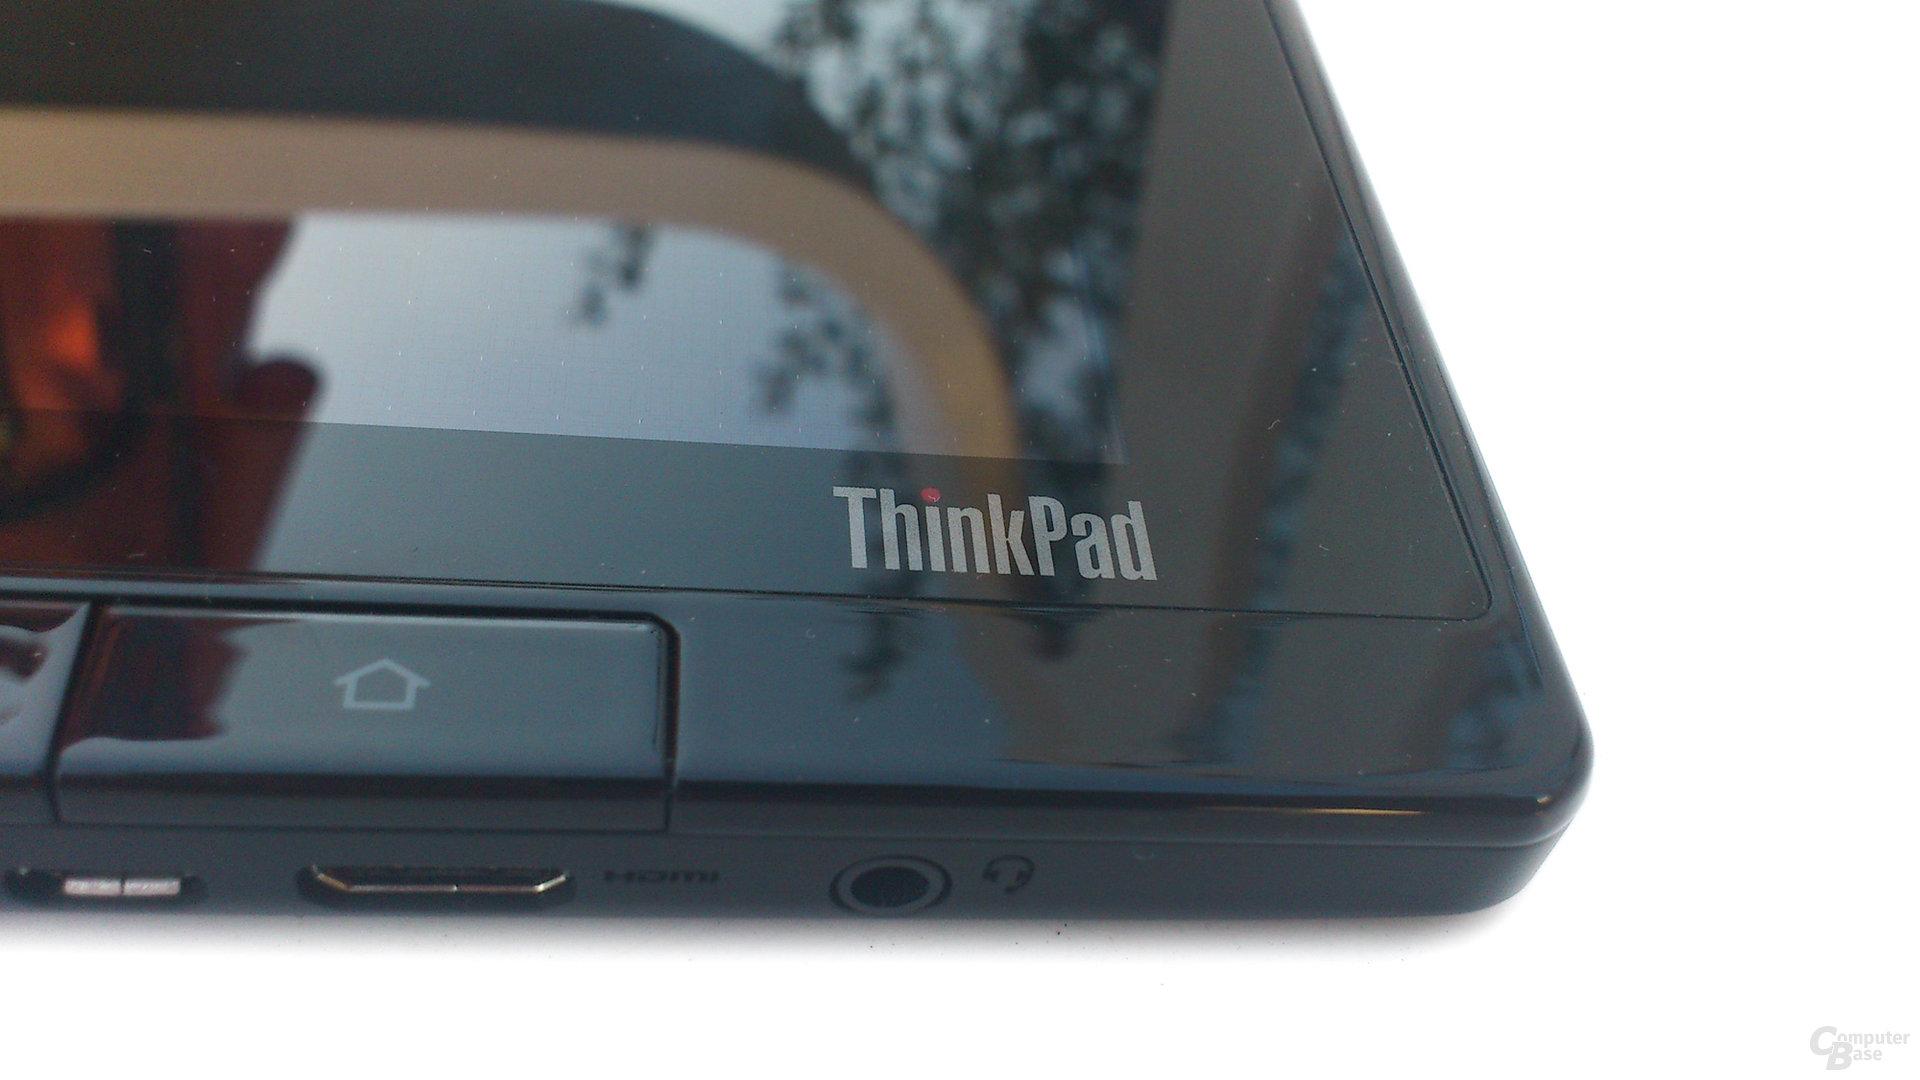 Das ThinkPad legt hin und wieder eine Denksekunde ein